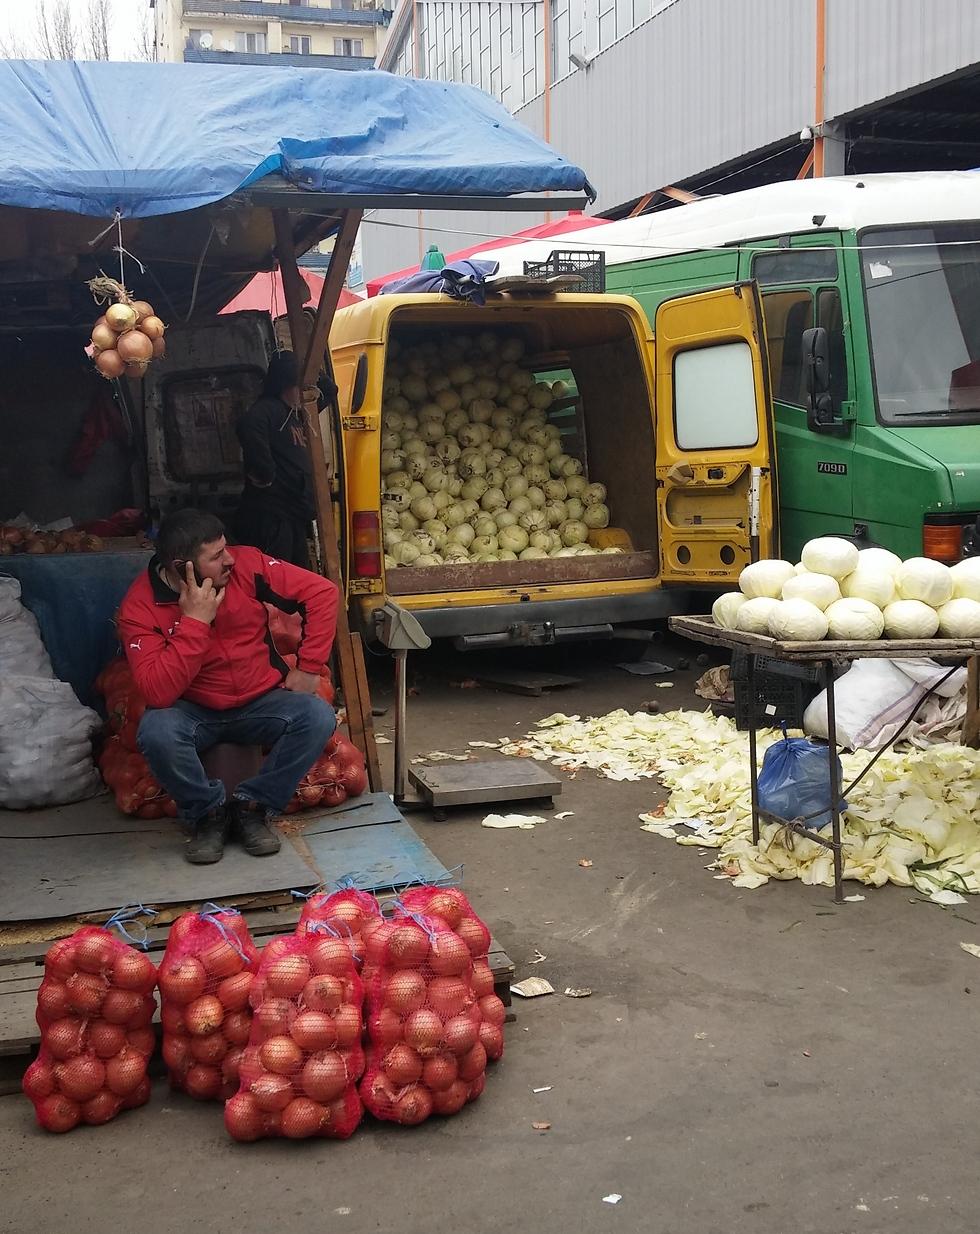 כרובים בהמונים (צילום: מור אלזון) (צילום: מור אלזון)